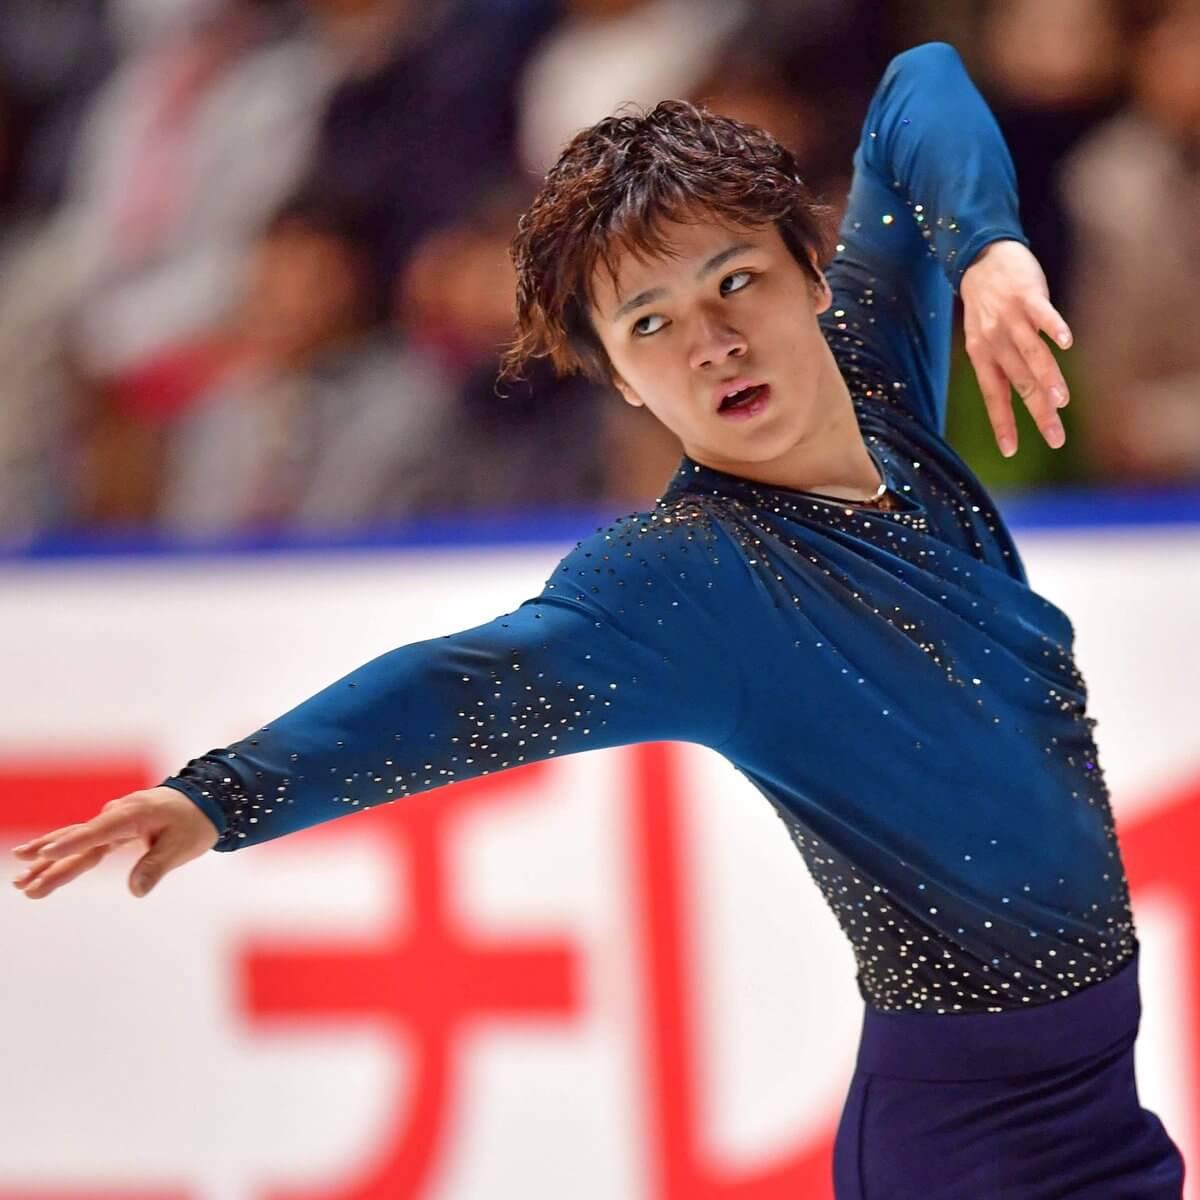 宇野昌磨「『どうしてそこまで出たいの?』と聞かれたとき、『宇野昌磨という選手の生き方はこれなんです』と答えました」